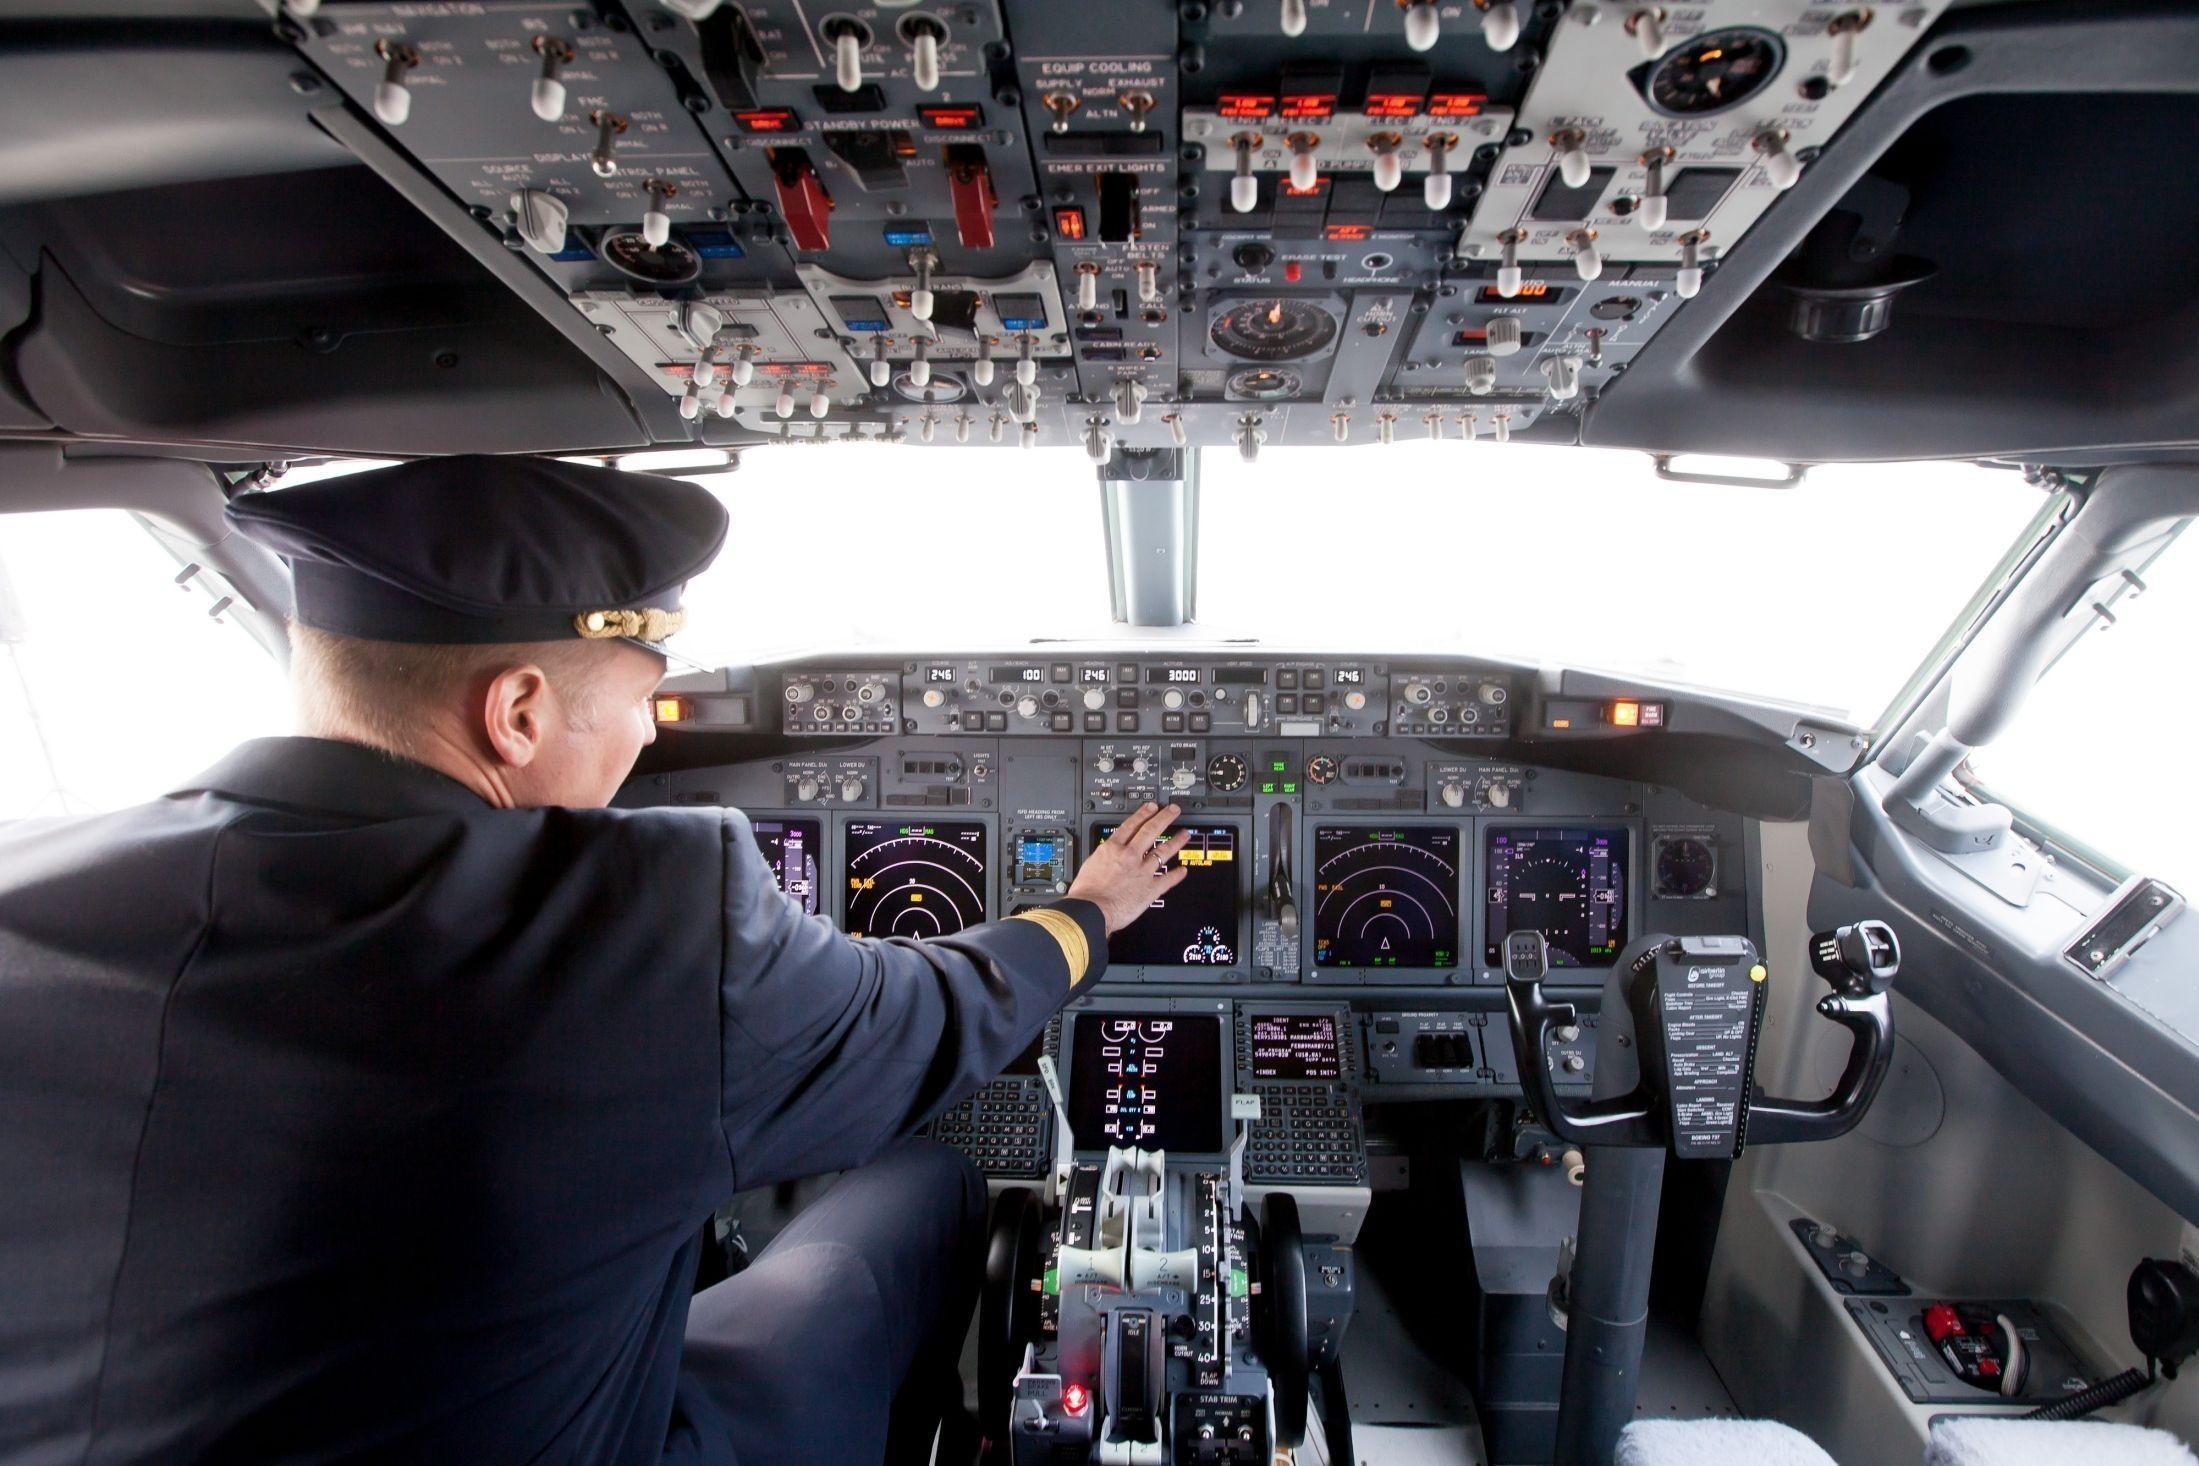 VERSTE OPPLEVELSER: Det er mye piloter opplever som vi bak i flyet aldri får høre om - heldigvis. Illustrasjonsbilde.